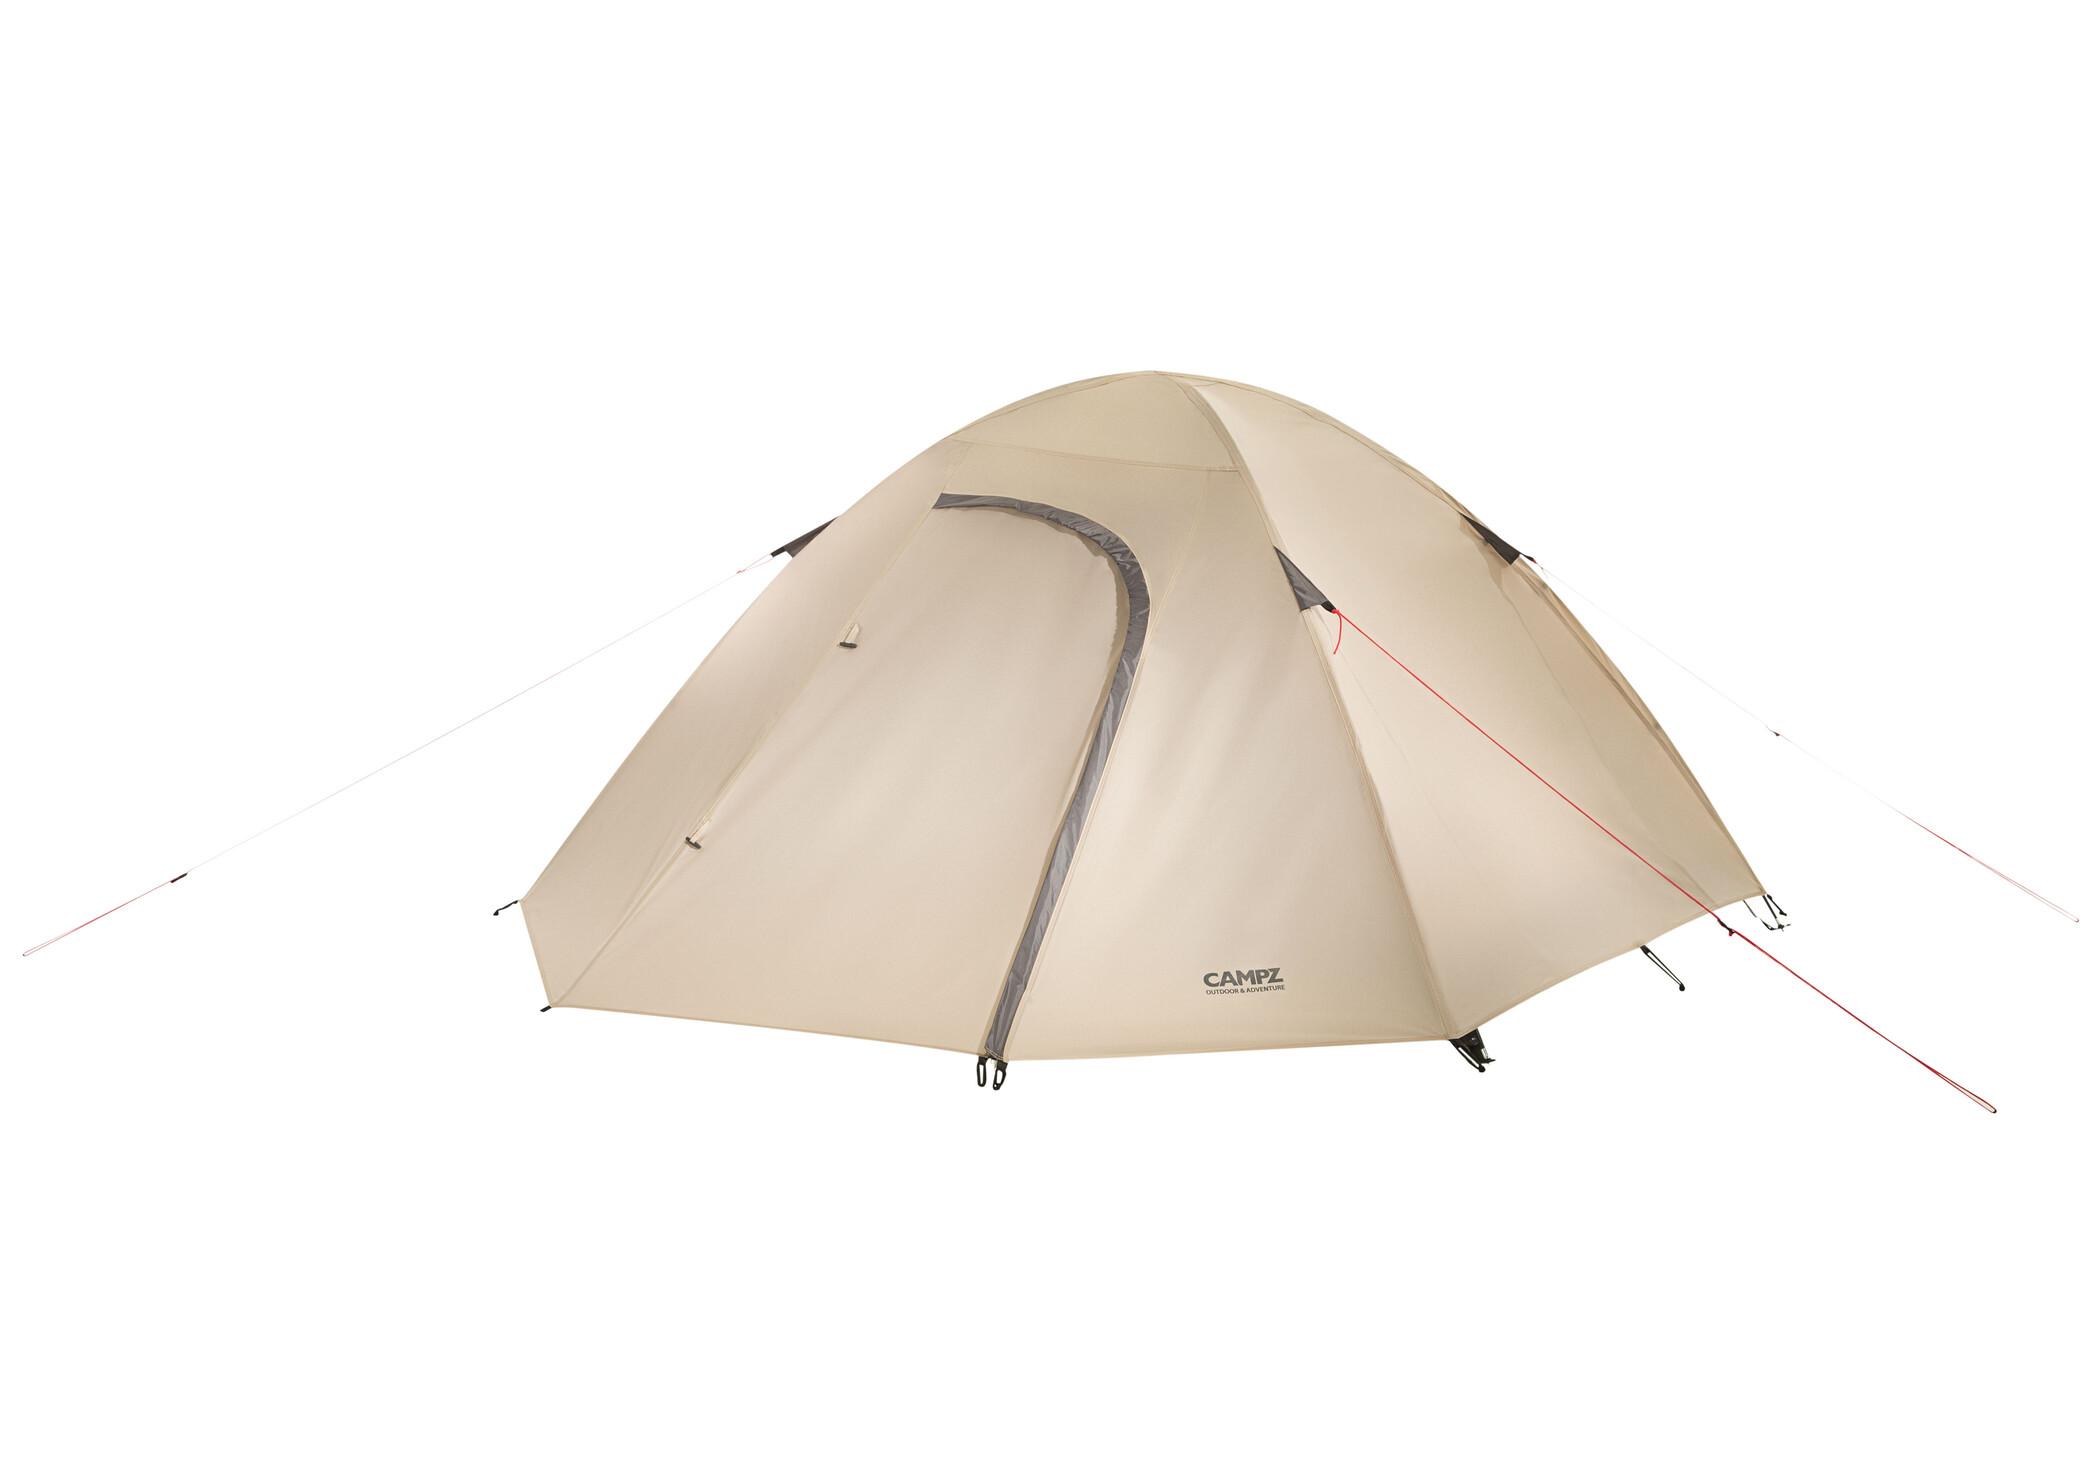 CAMPZ Monta 2P Telt, beige | Transport og opbevaring > Tilbehør